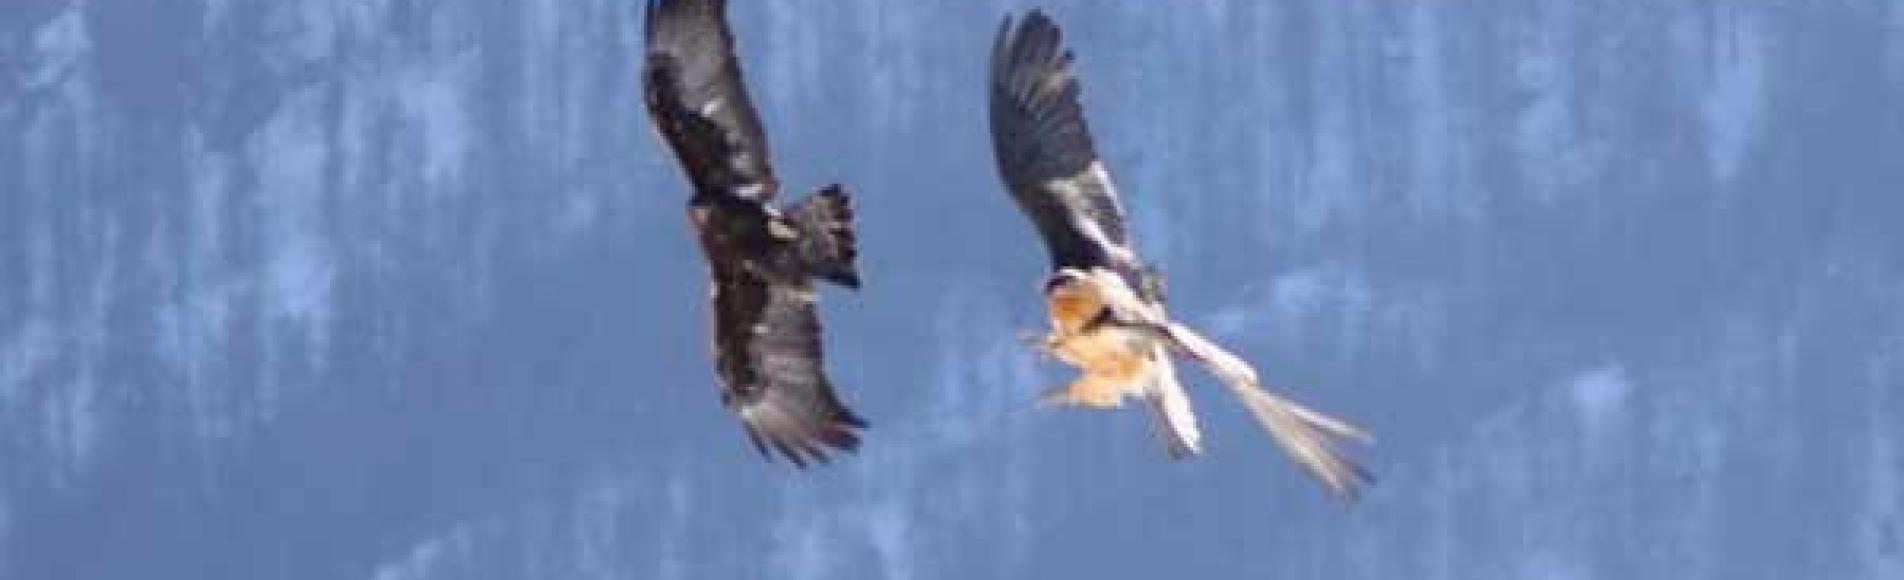 Querelle entre un aigle et un gypaète - fev 2010 © C-Couloumy - Parc national des Ecrins